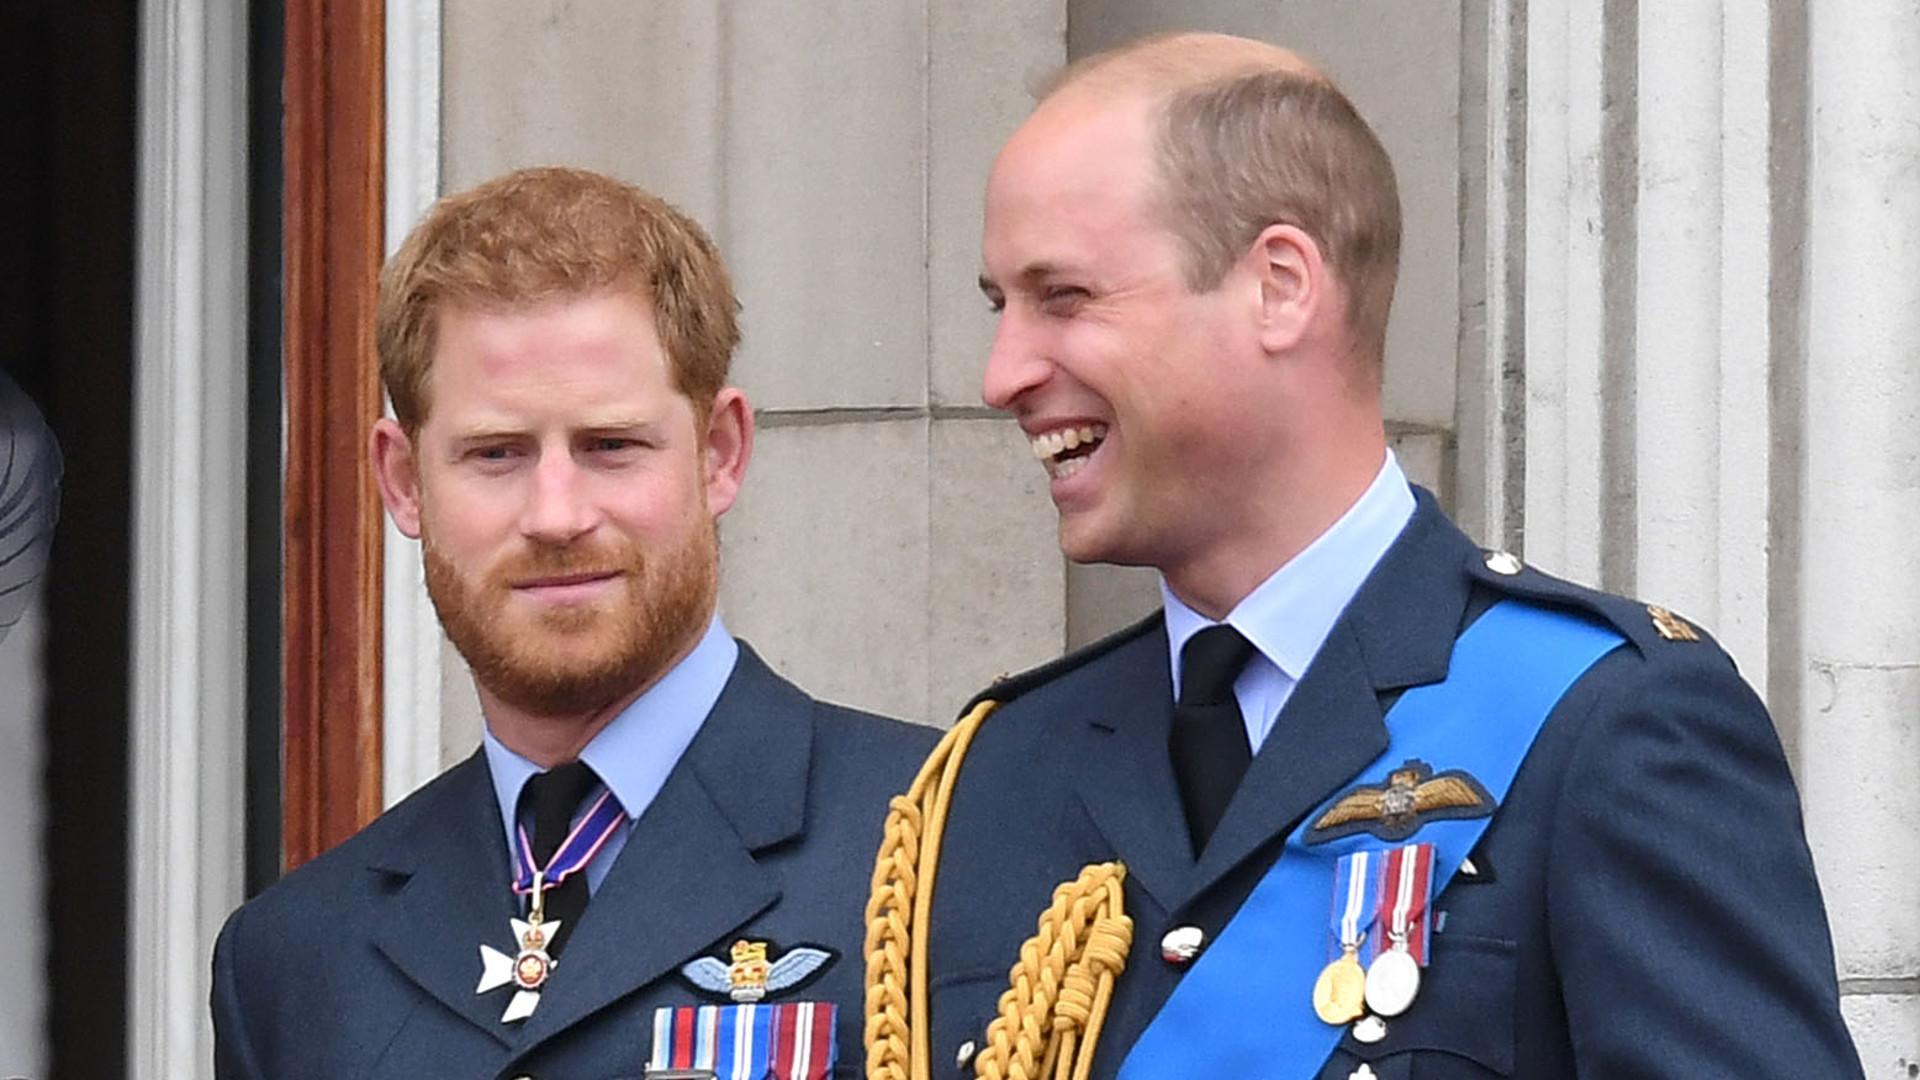 Książę William i książę Harry znów zaczęli ze sobą rozmawiać po TYM zdarzeniu